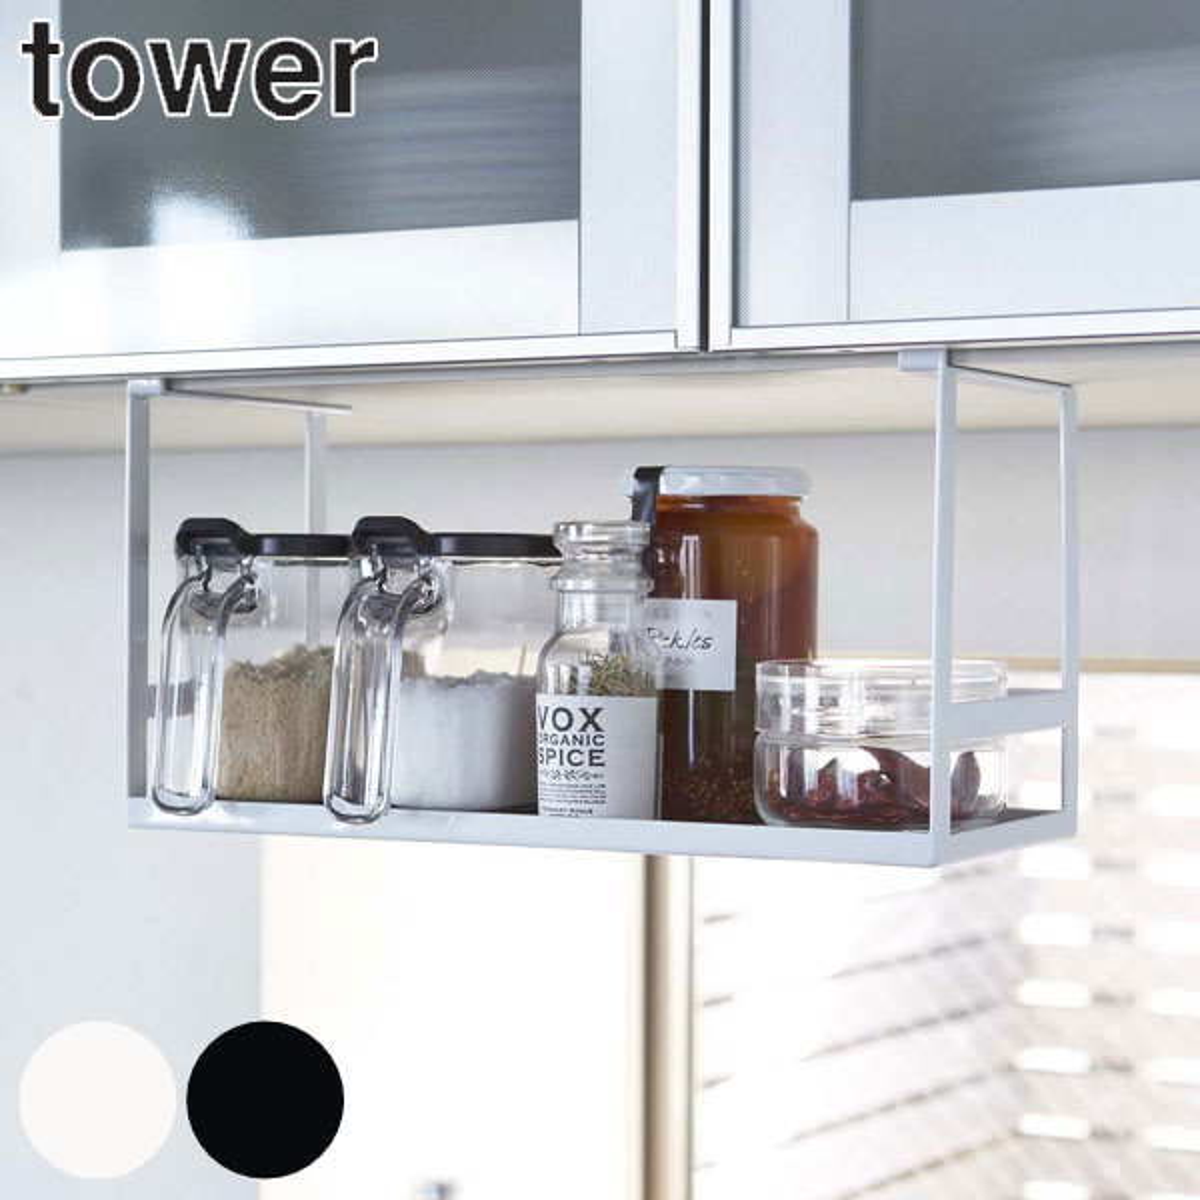 Superbe Hanging Rack Closet Lower Seasoning Rack Tower Tower (Yamasaki Business  Made Of Kitchen Drawer Seasoning Shelf Accessory Storing Kitchen Article  Seasoning ...